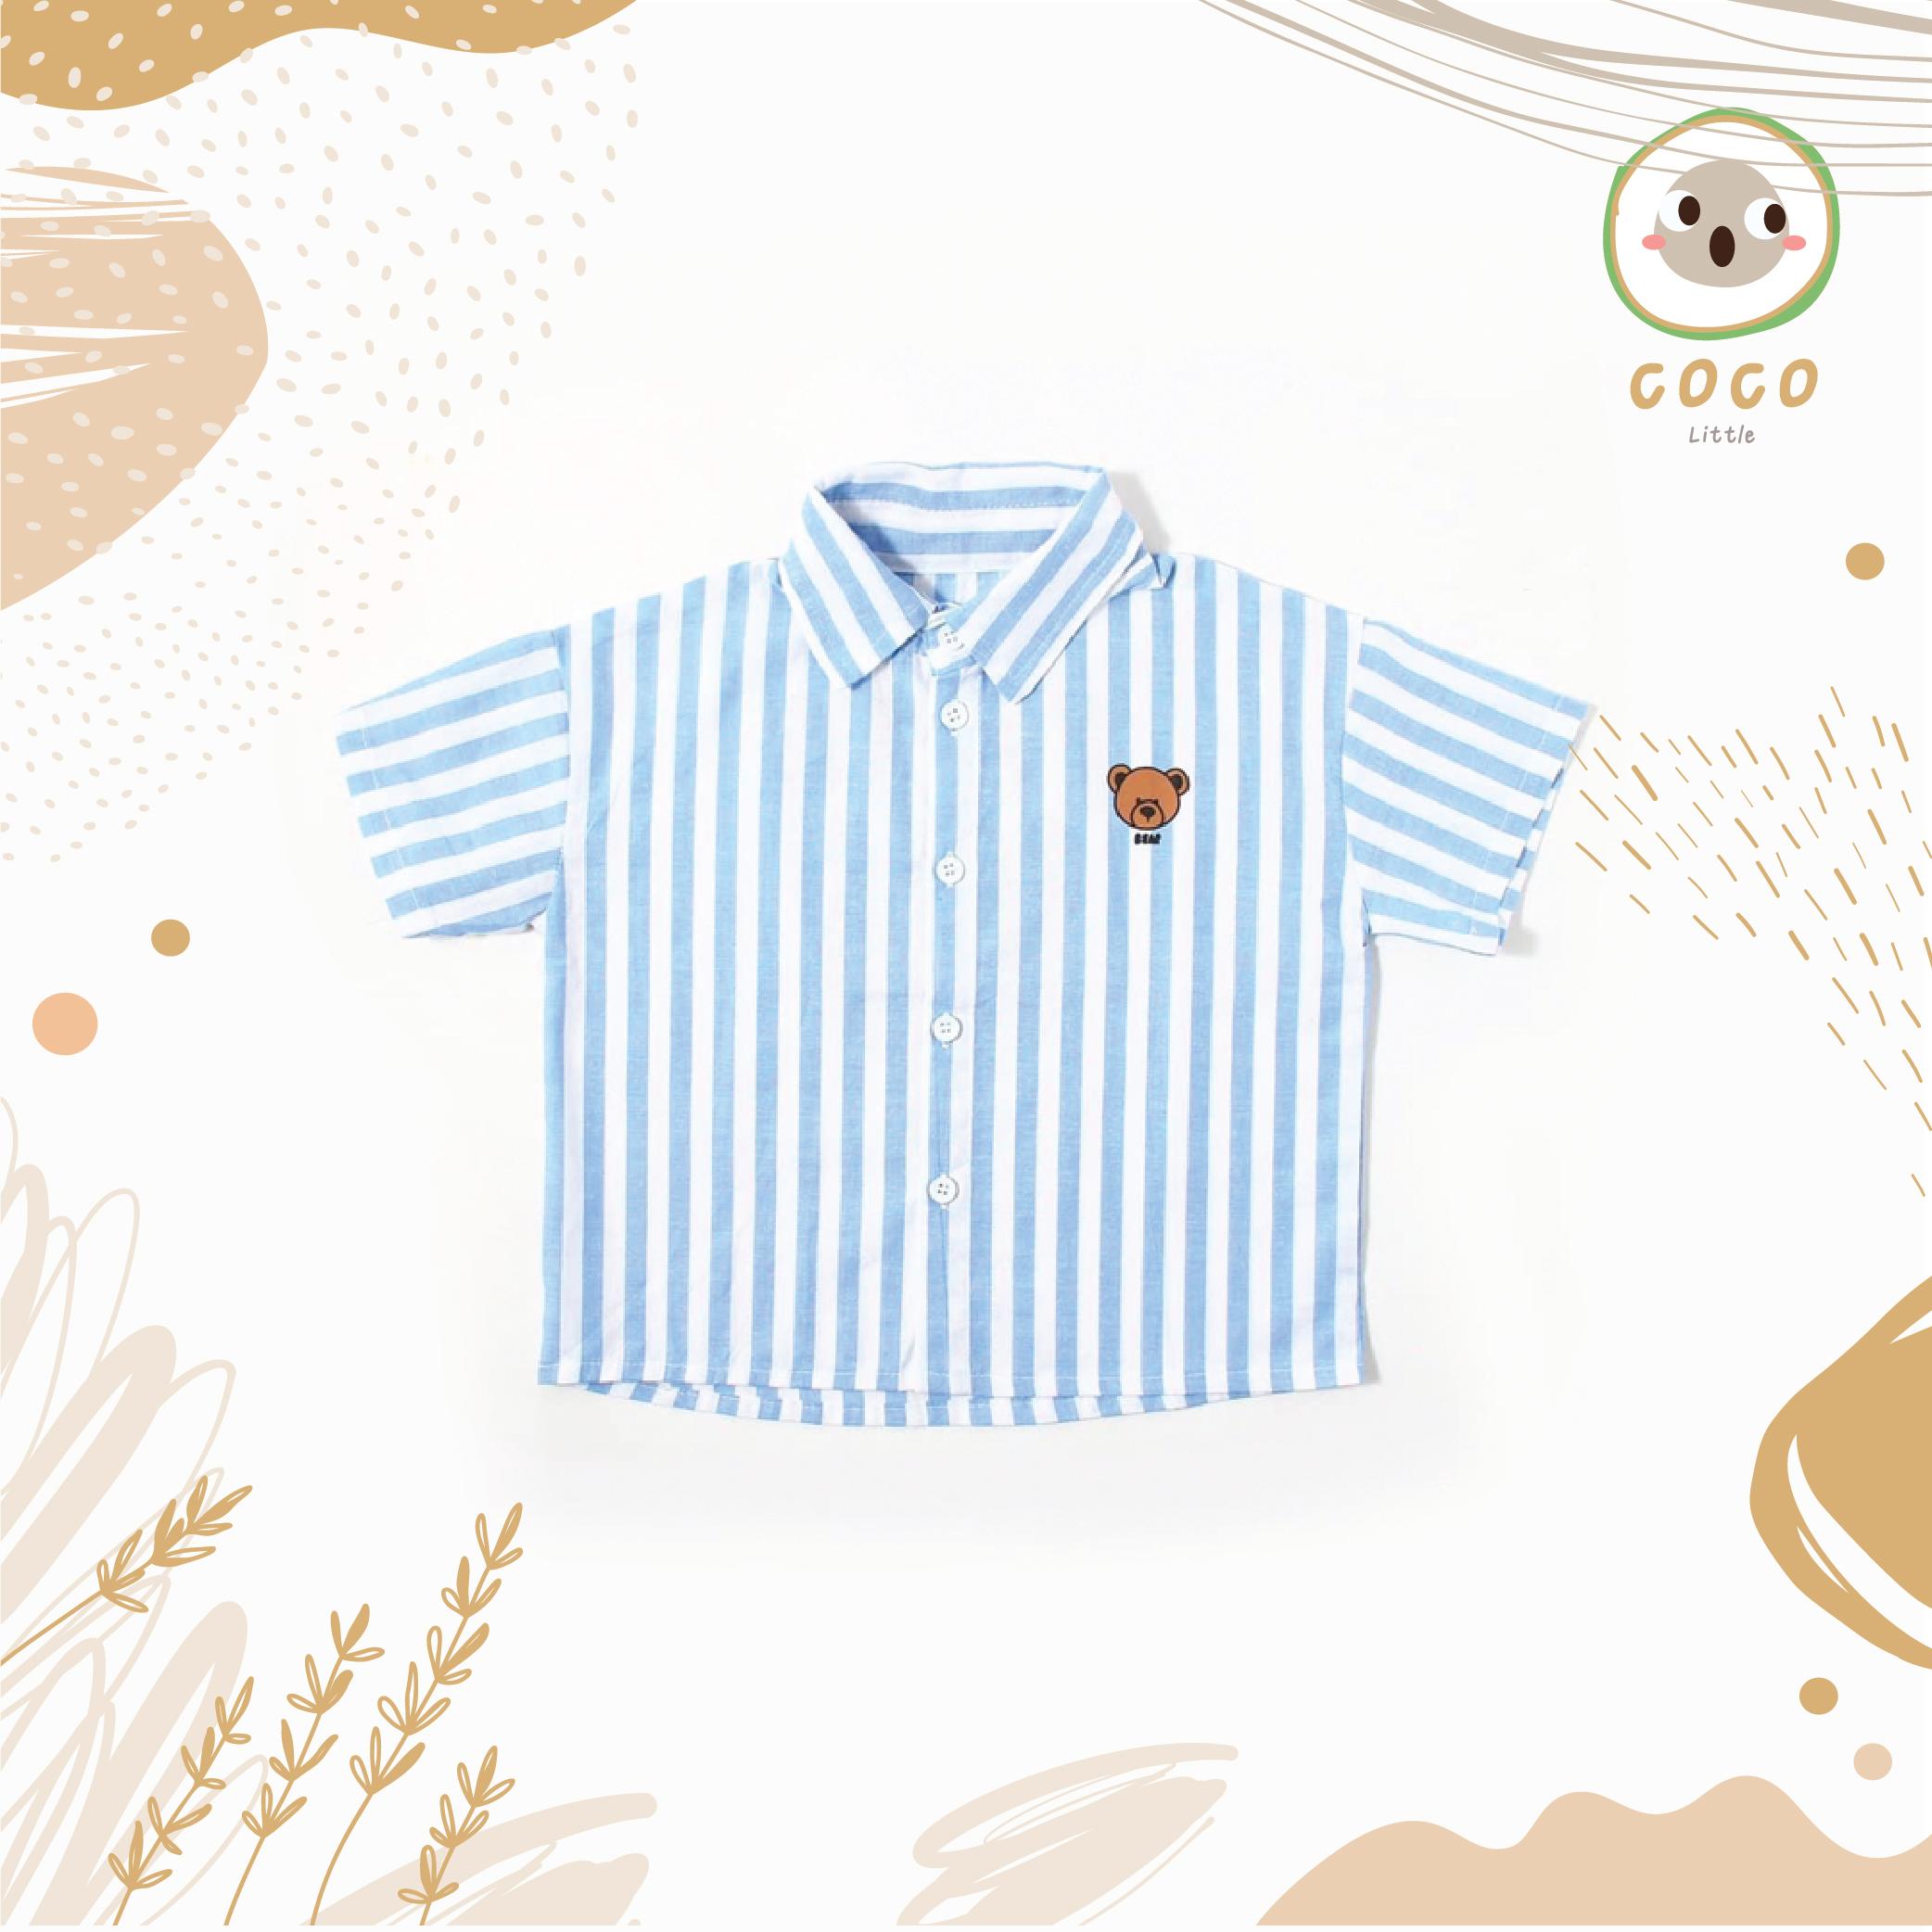 COCO BY PAPA เสื้อเชิ้ตคอปก แขนสั้น สกรีนลายน้องหมี เสื้อเชิ้ตเด็กชาย Toddles Boy Bear Shirt  เนื่อผ้านิ่ม สวมใส่สบาย